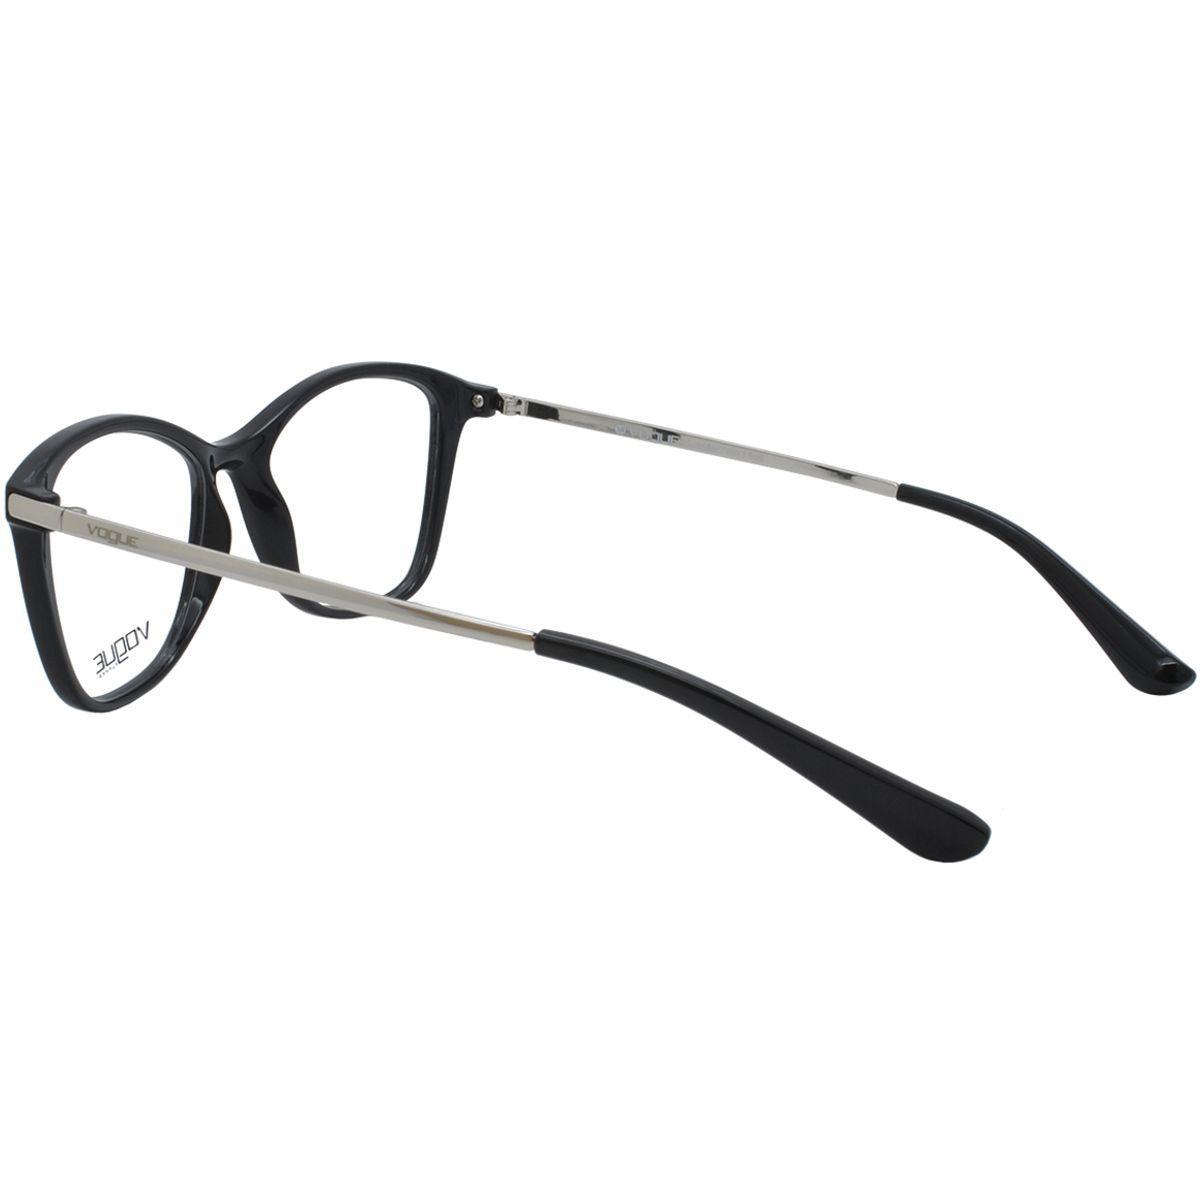 fee8a4a6145a4 Óculos de Grau Vogue Eyewear Feminino VO5152L W44 - Acetato Preto e Metal  Prata R  423